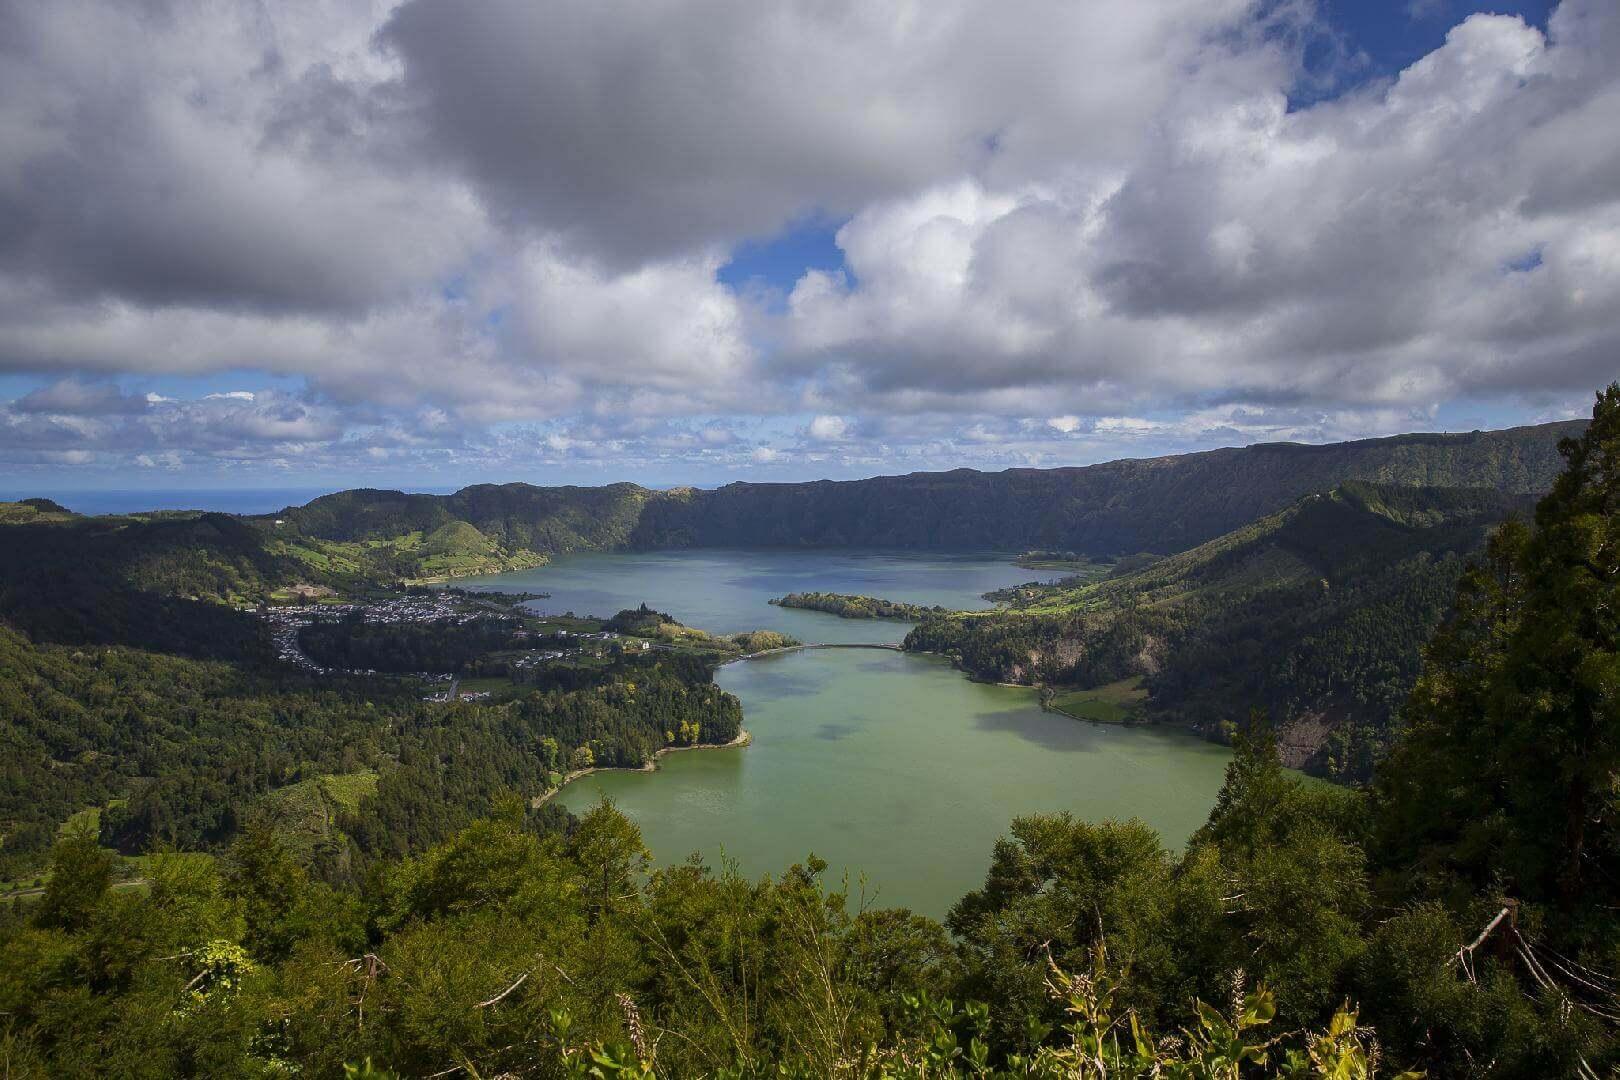 Ponta Delgada - Sete Cidades - Furnas